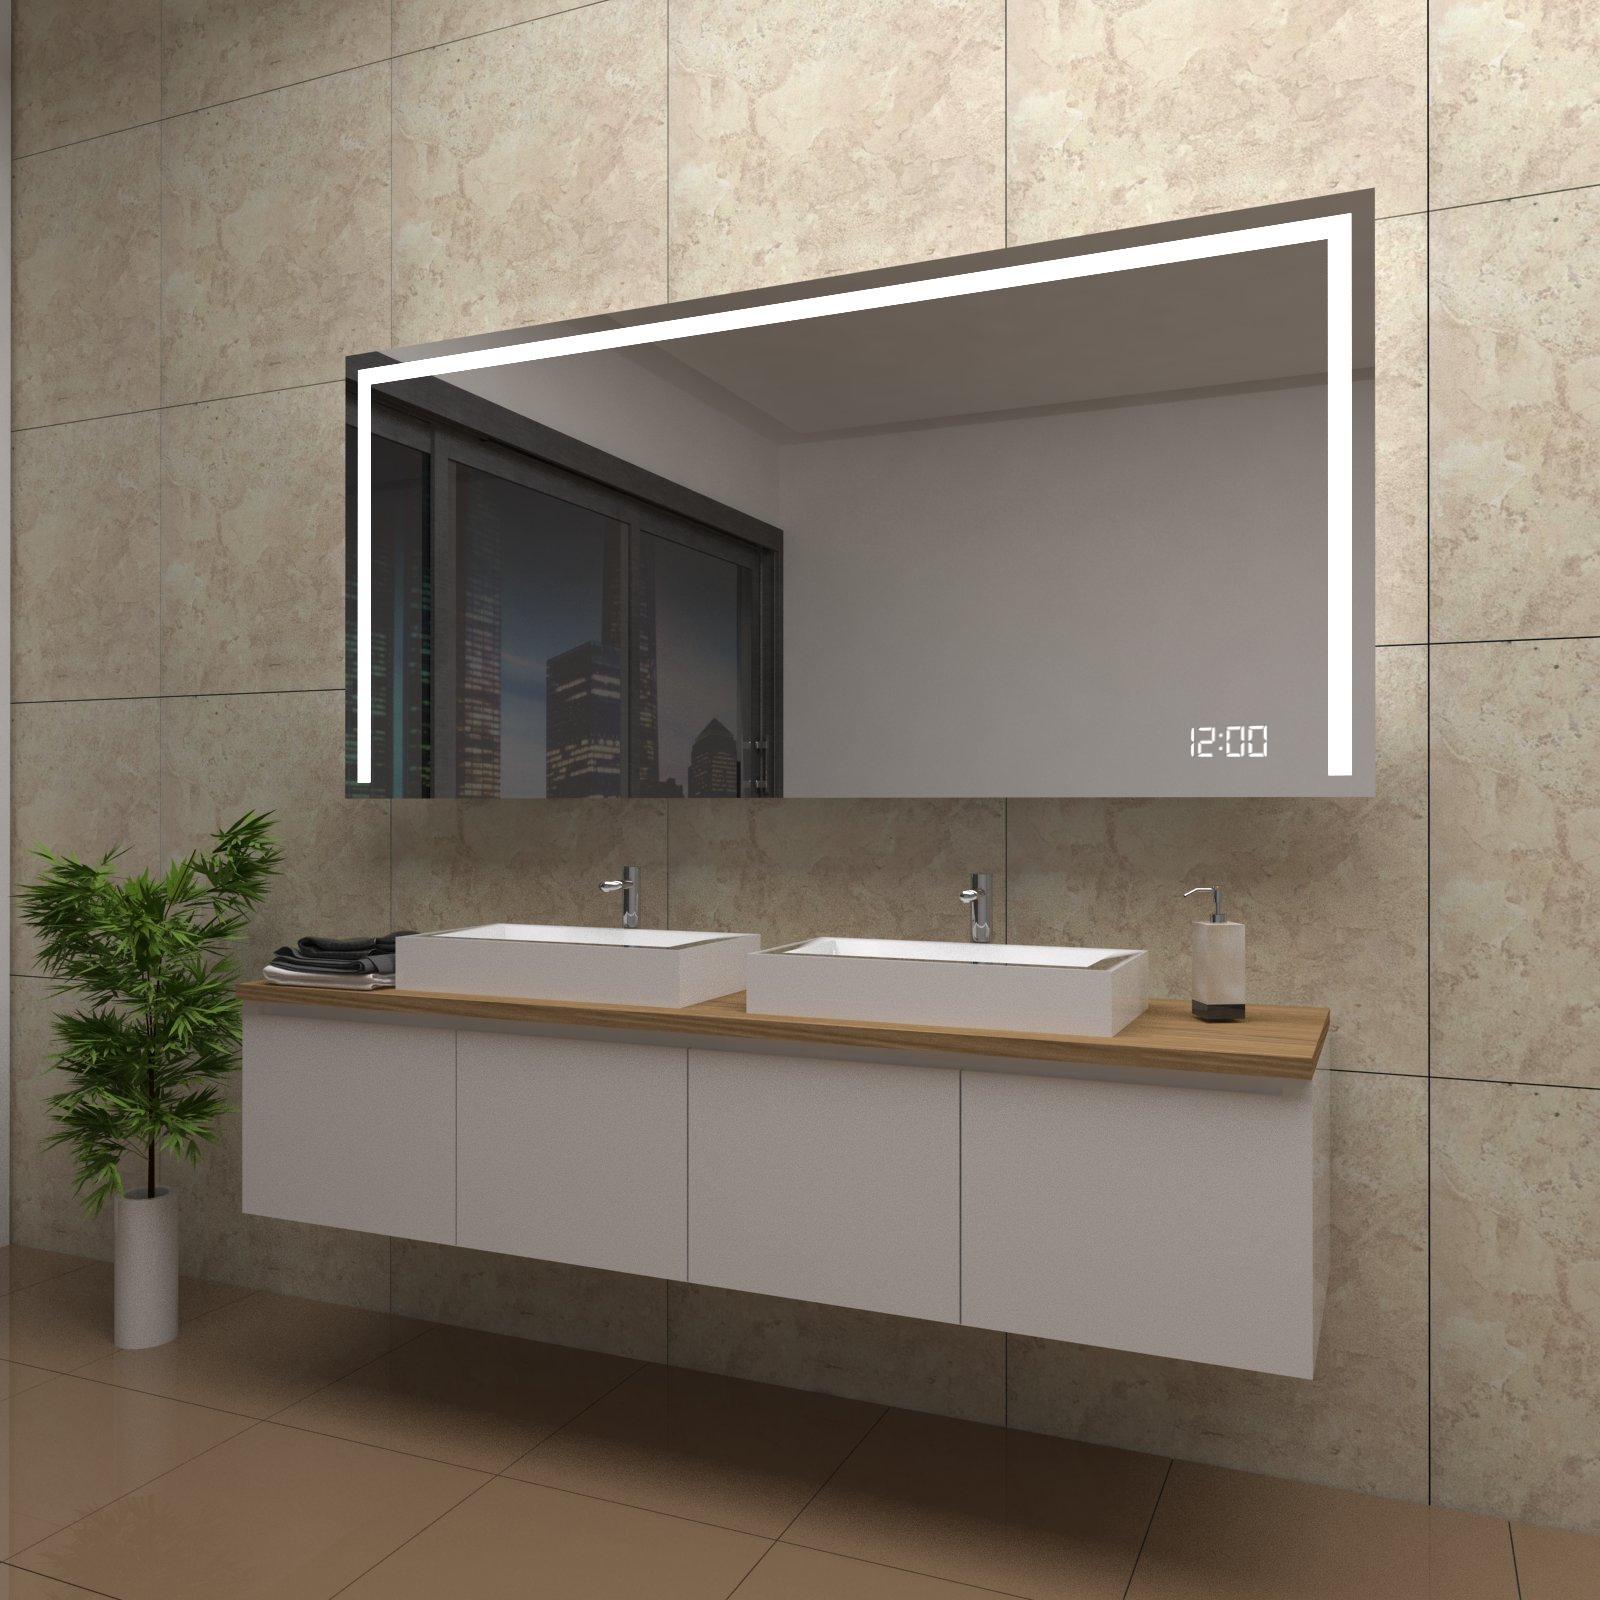 spiegel bonnie mit led beleuchtung und uhr beschlagfrei temprix markenspiegel. Black Bedroom Furniture Sets. Home Design Ideas